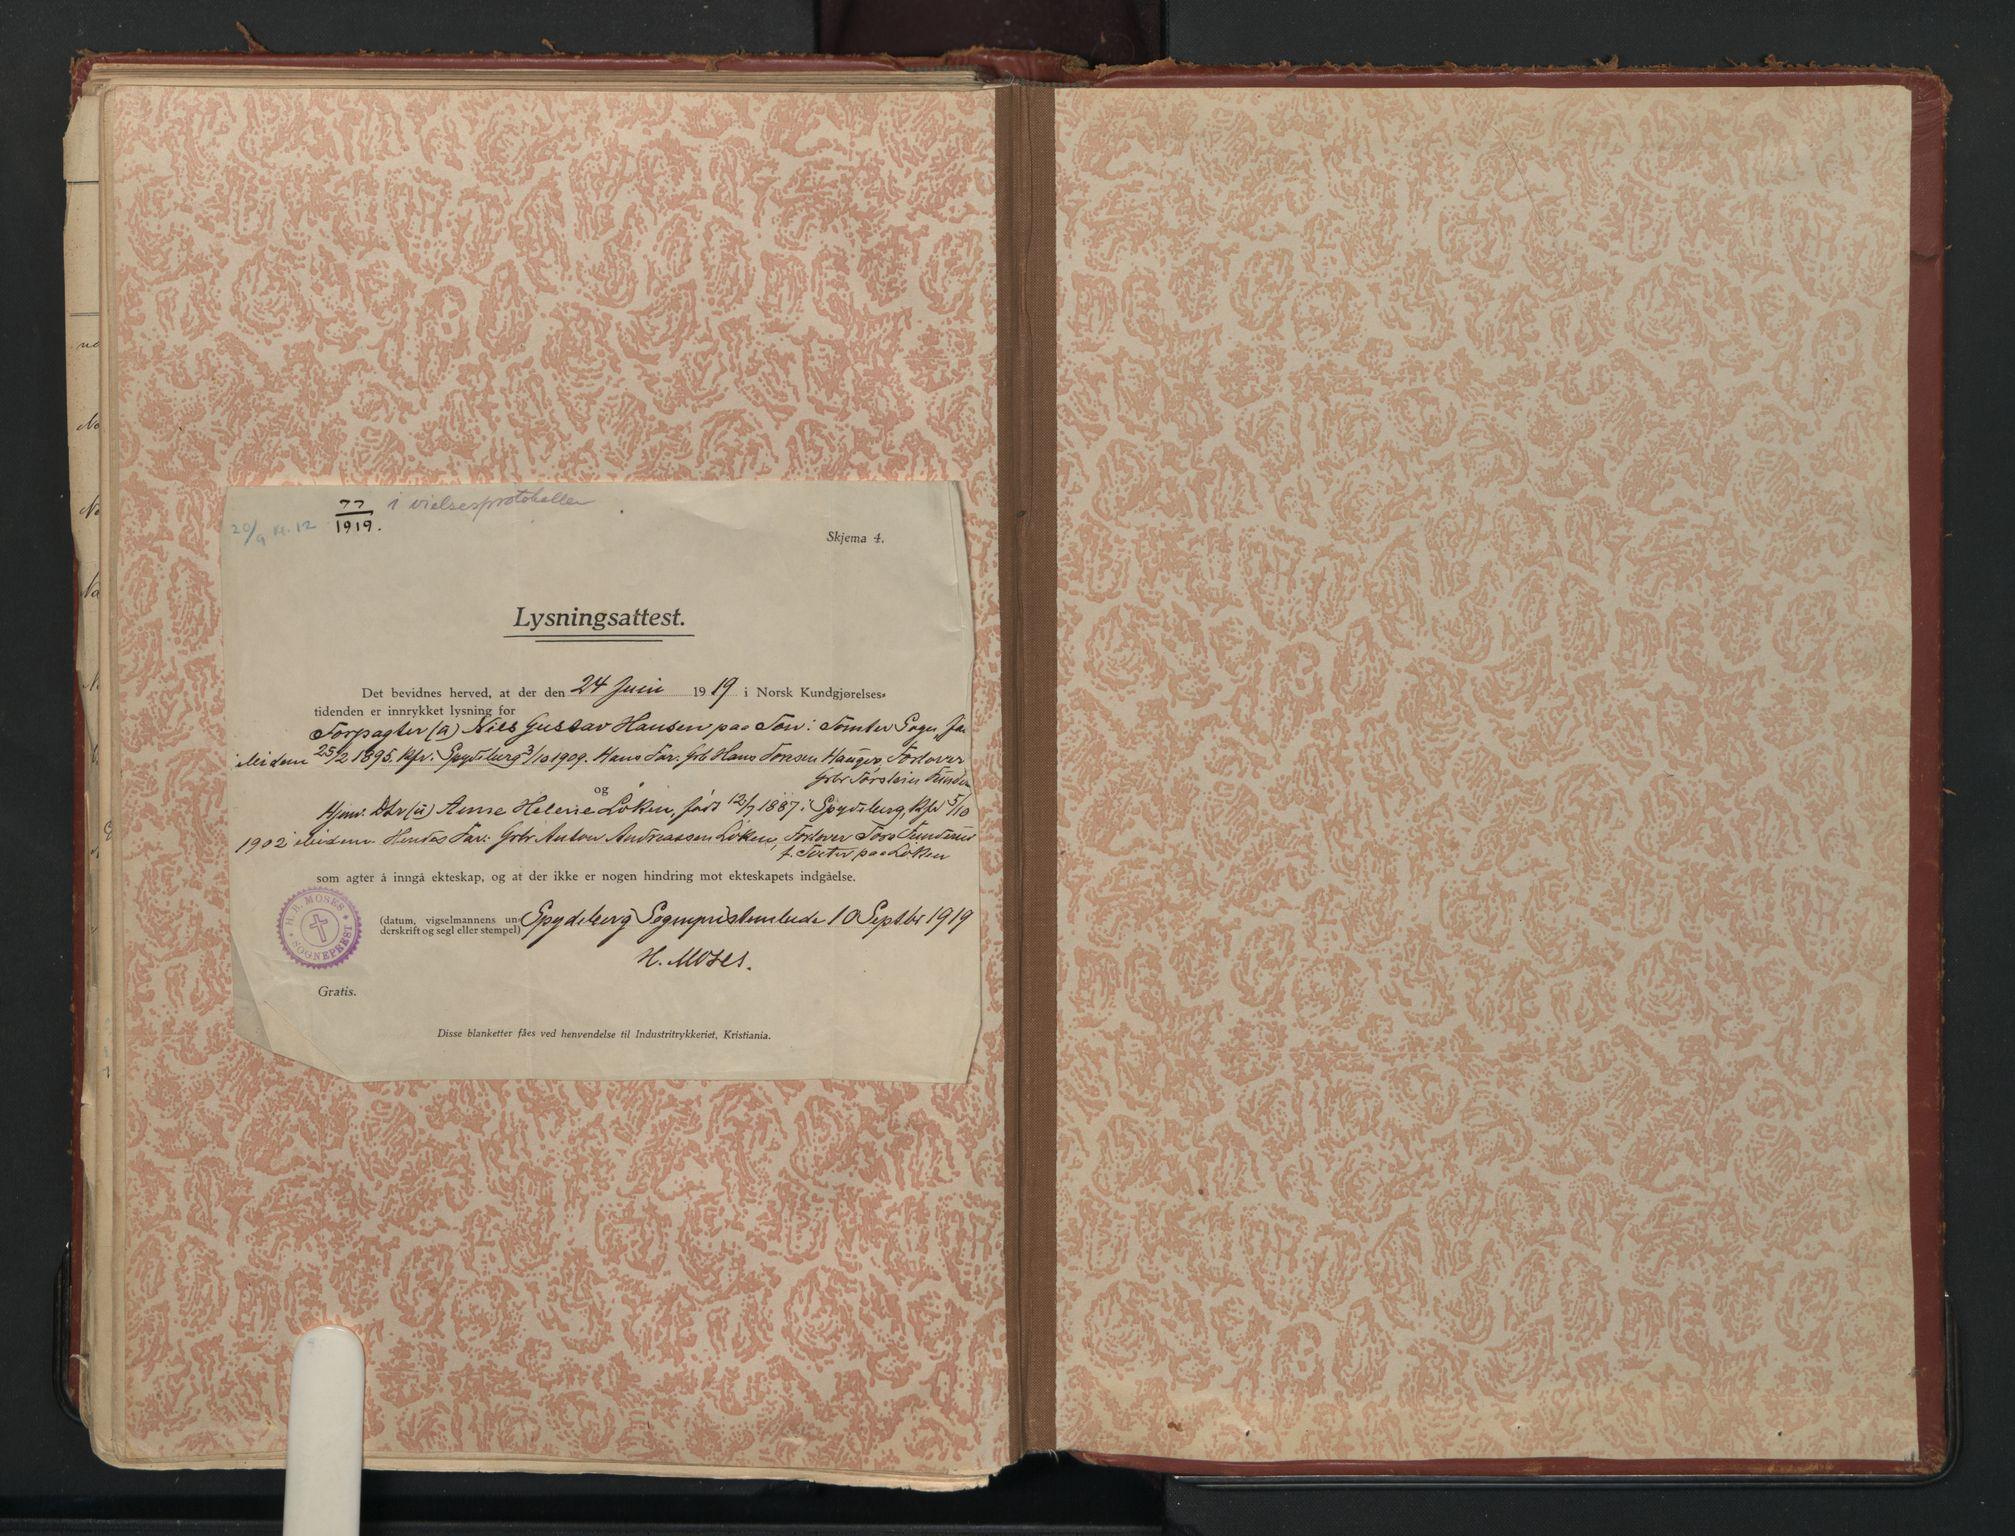 SAO, Vålerengen prestekontor Kirkebøker, F/Fa/L0002: Ministerialbok nr. 2, 1899-1924